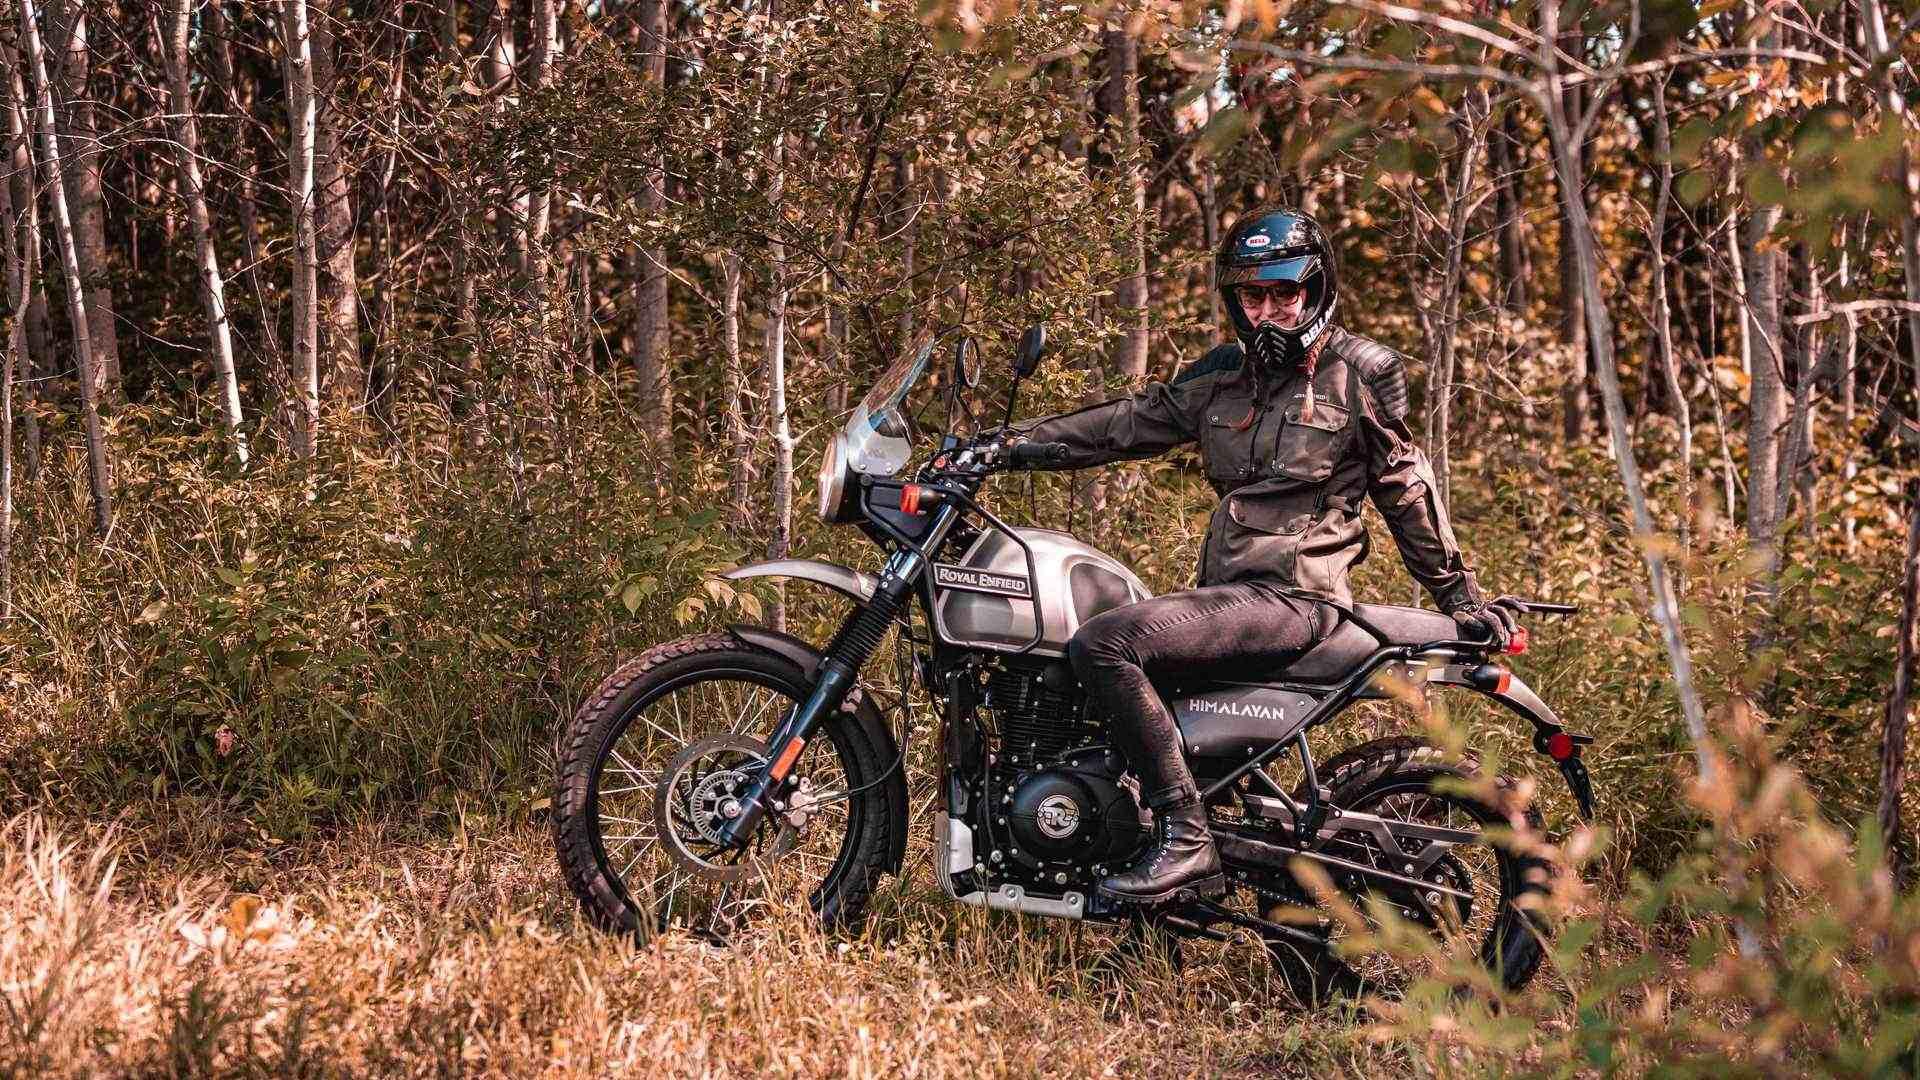 motos.espirituracer.com